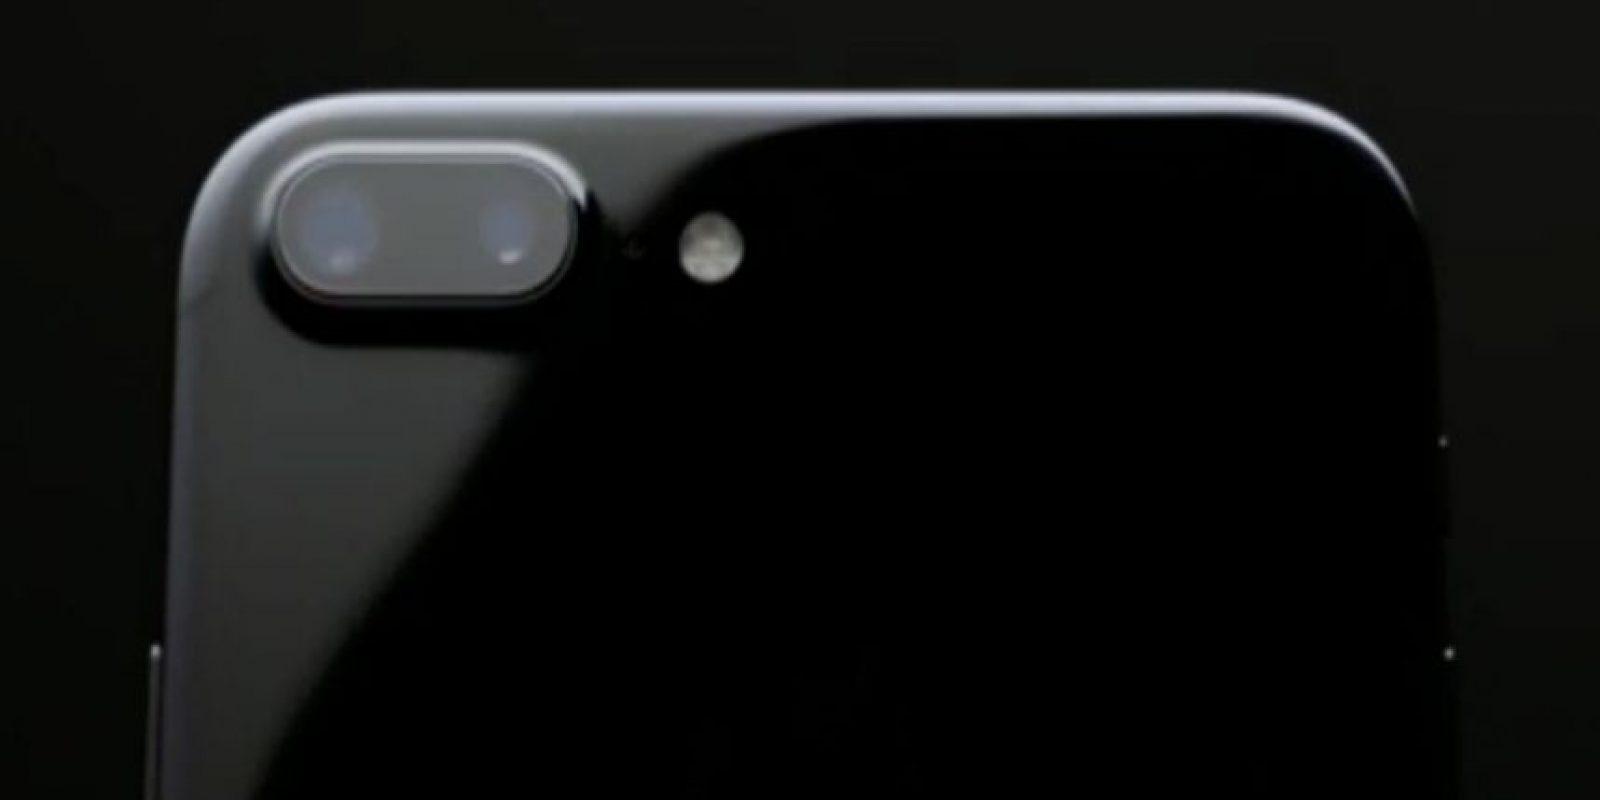 El iPhone 7 Plus tendrá nueva cámara. Foto:Apple